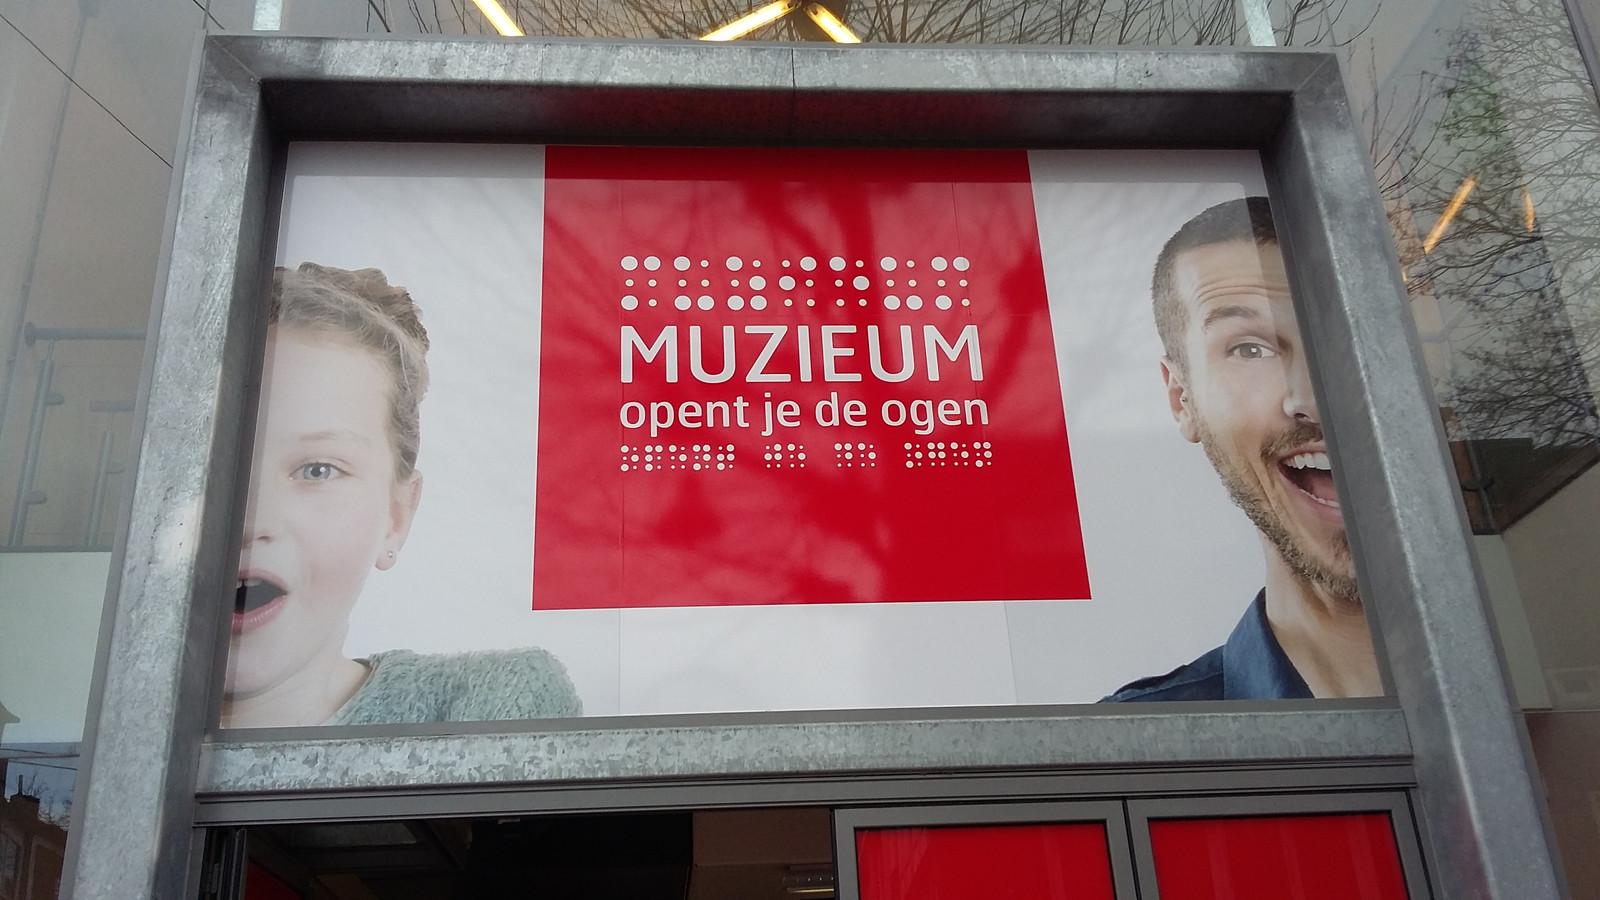 Het muZIEum is sinds afgelopen zomer gevestigd in een pand aan de Ziekerstraat in Nijmegen